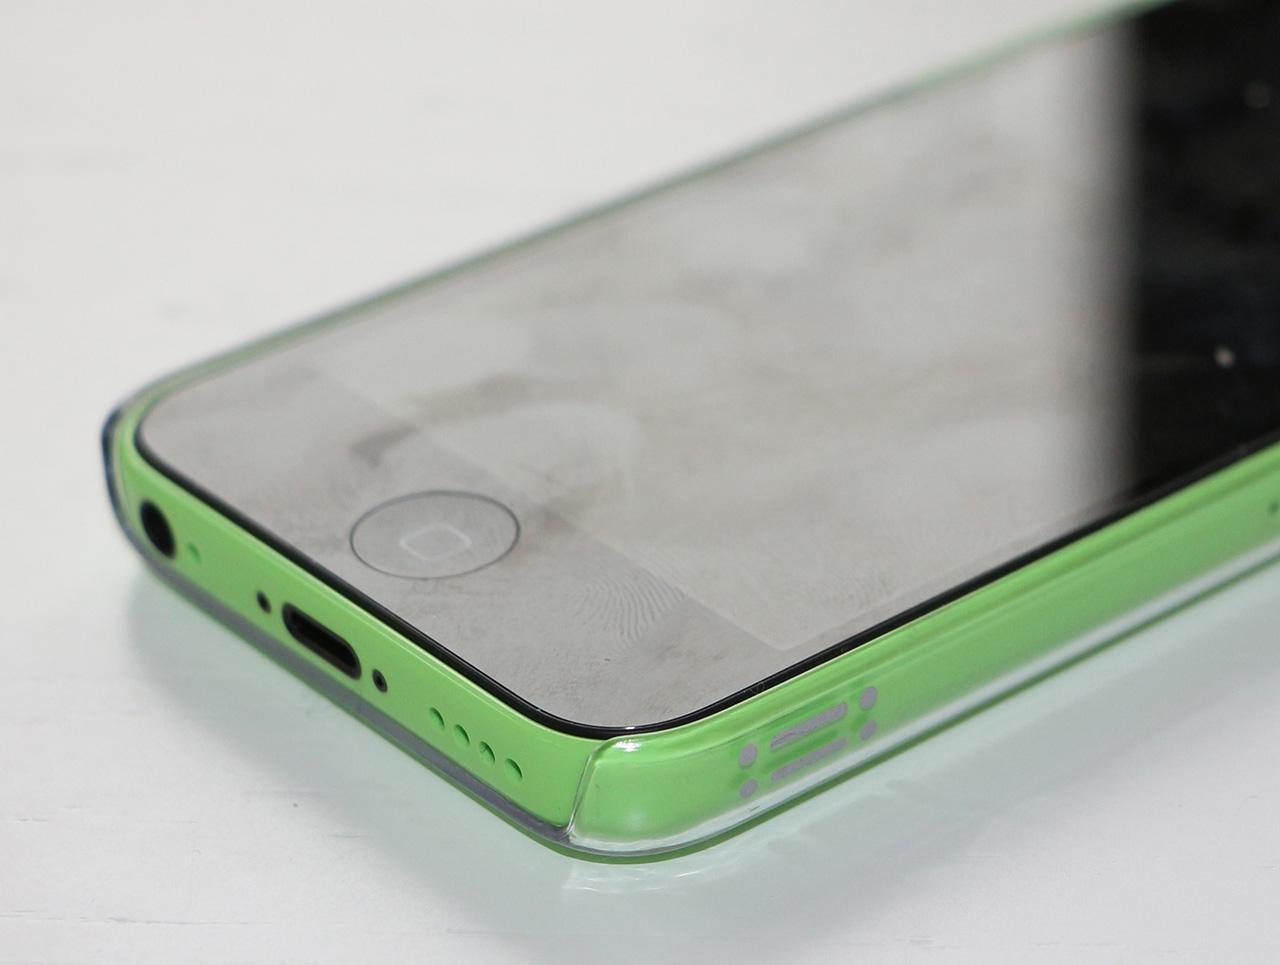 custodia iphone 5 trasparente